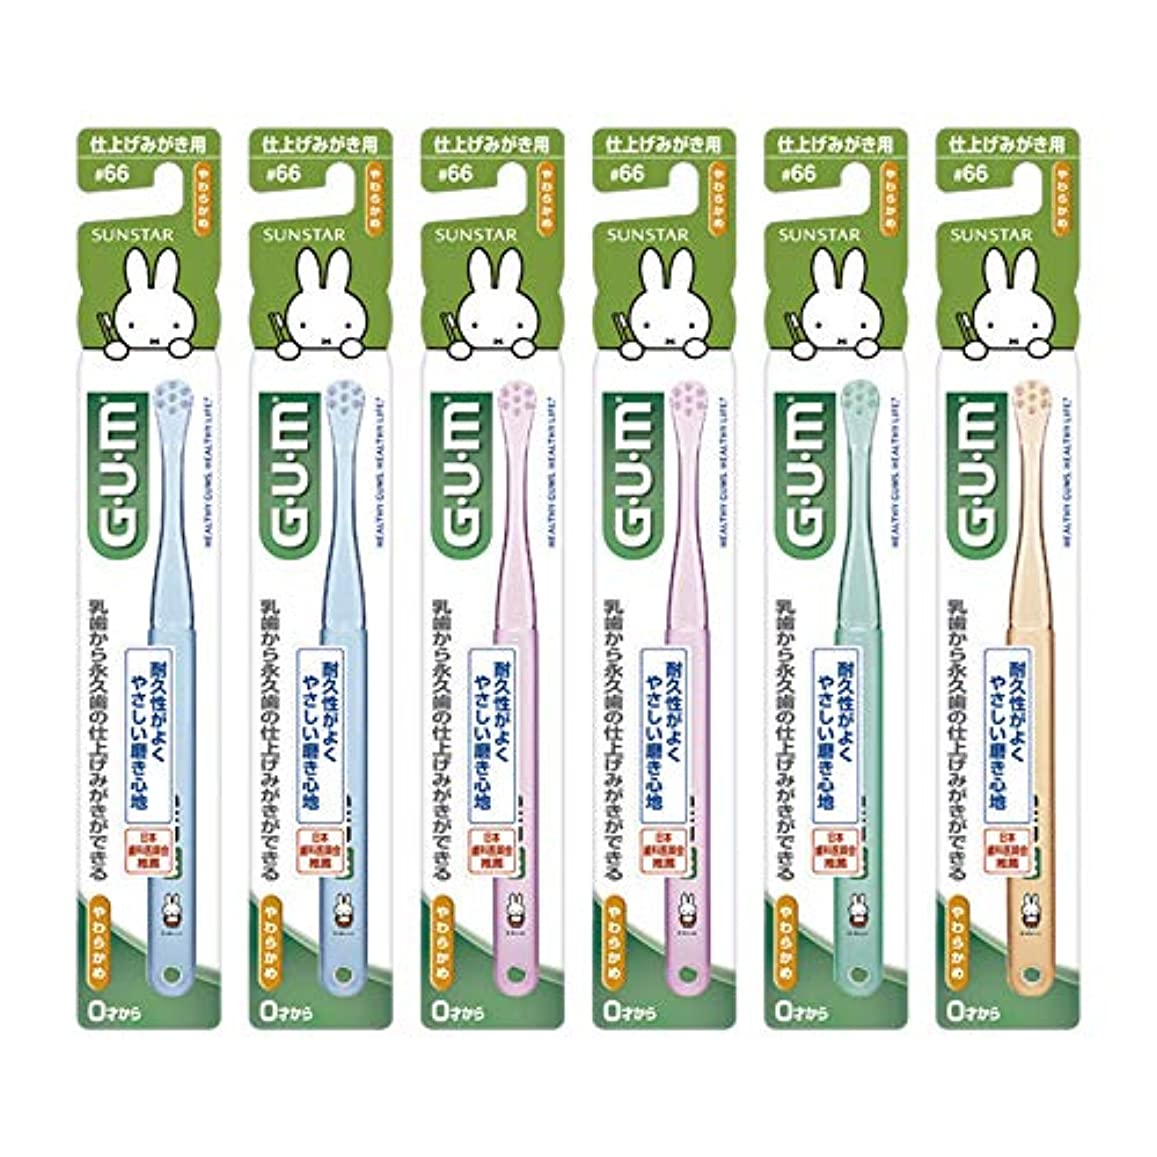 リダクター賢明な森林GUM(ガム) デンタル ハブラシ こども #66 [仕上げみがき用?やわらかめ] 6本パック+ おまけつき